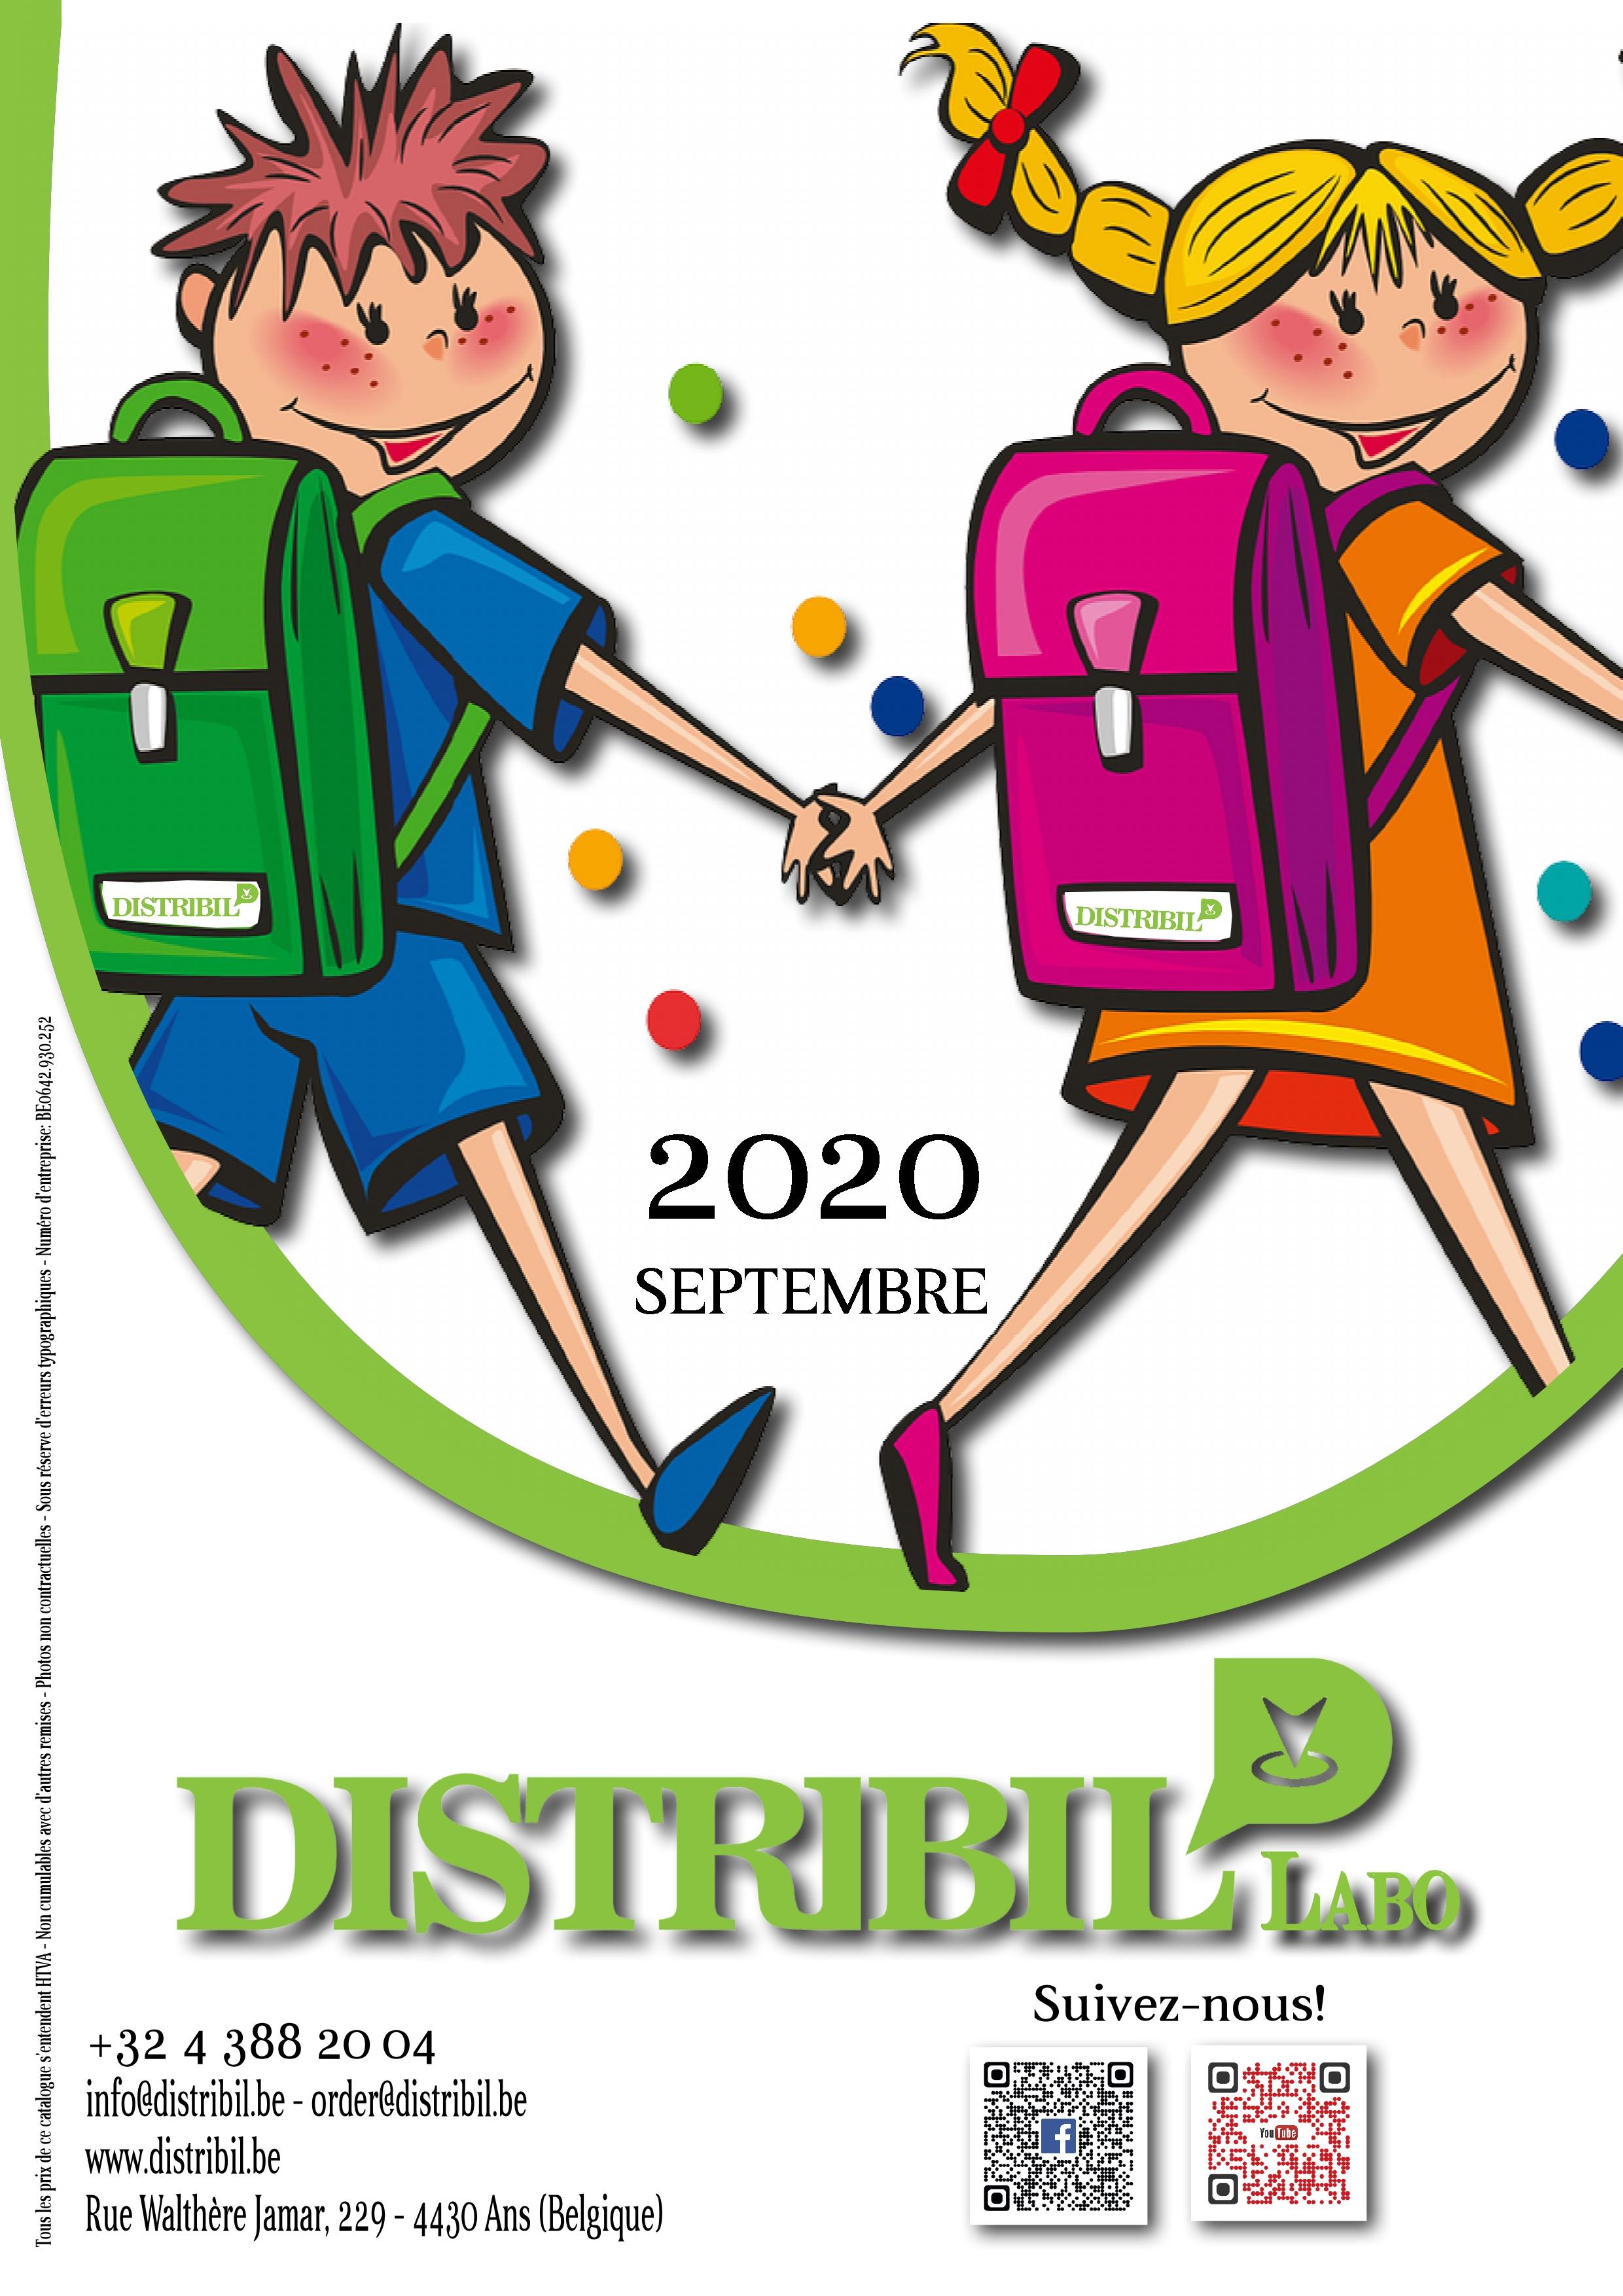 Distrilabo092020.jpg